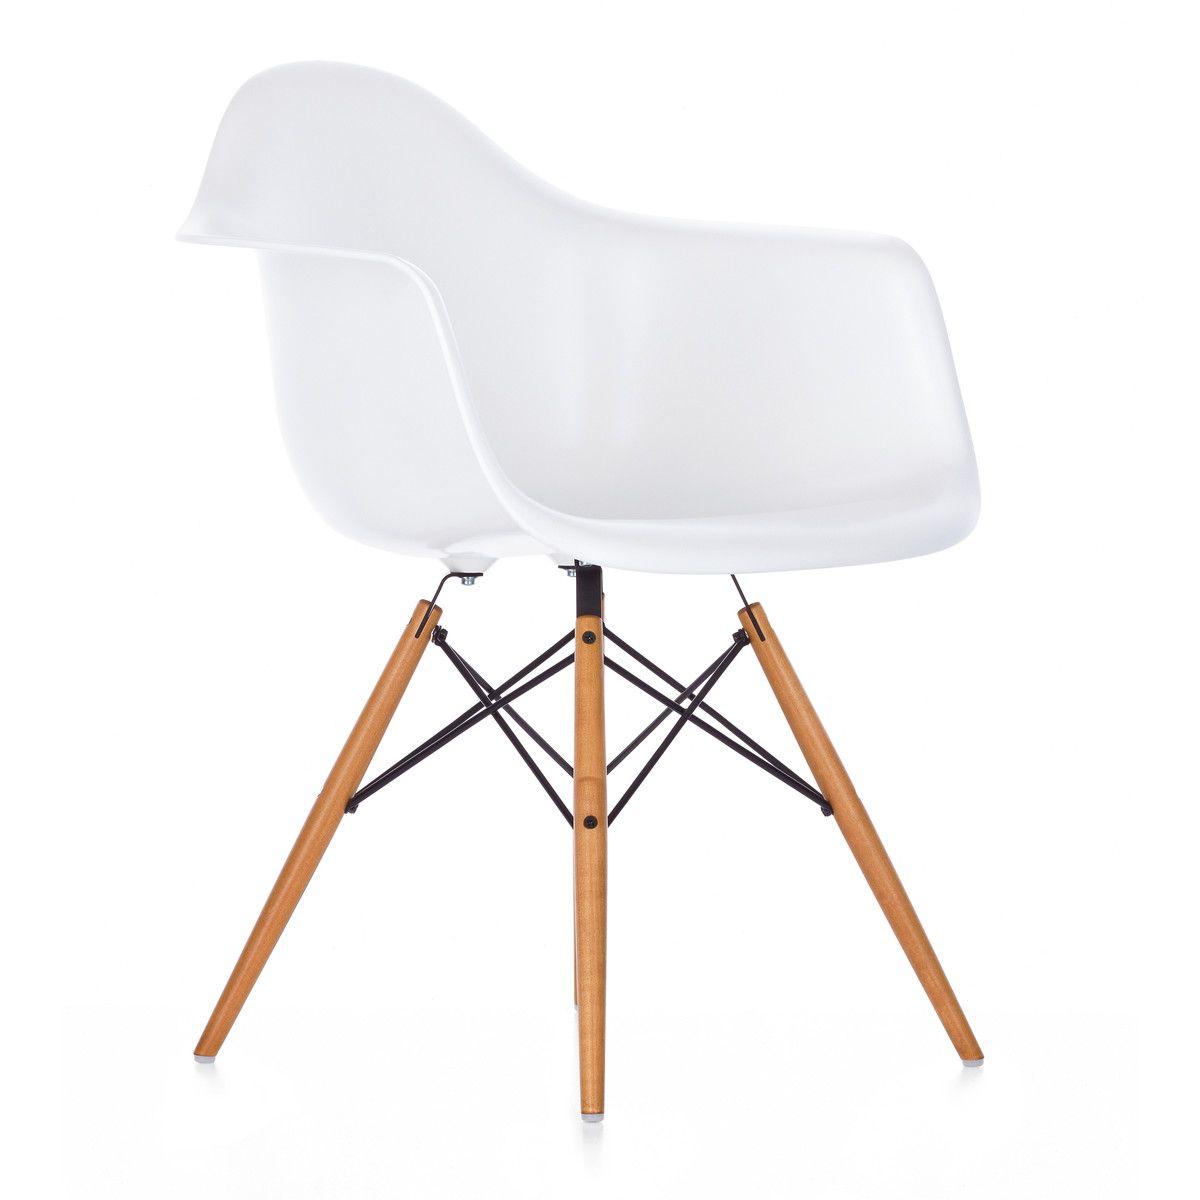 delightful tolles dekoration eames chair weis #2: u0027Design-Stuhl online kaufen | Connox Shopu0027